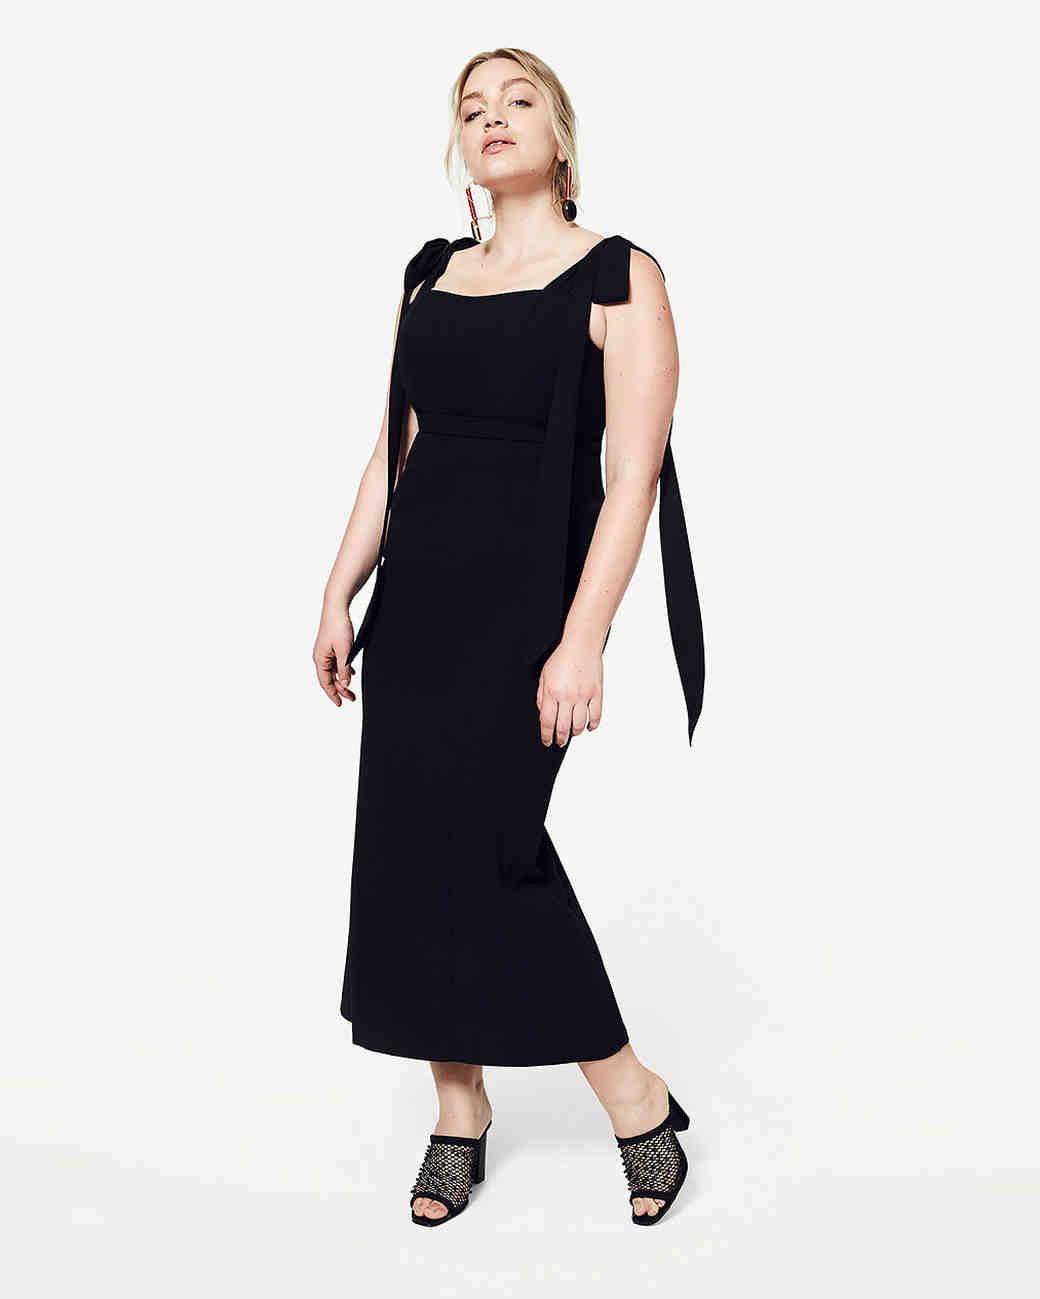 Milf ol in black long dress